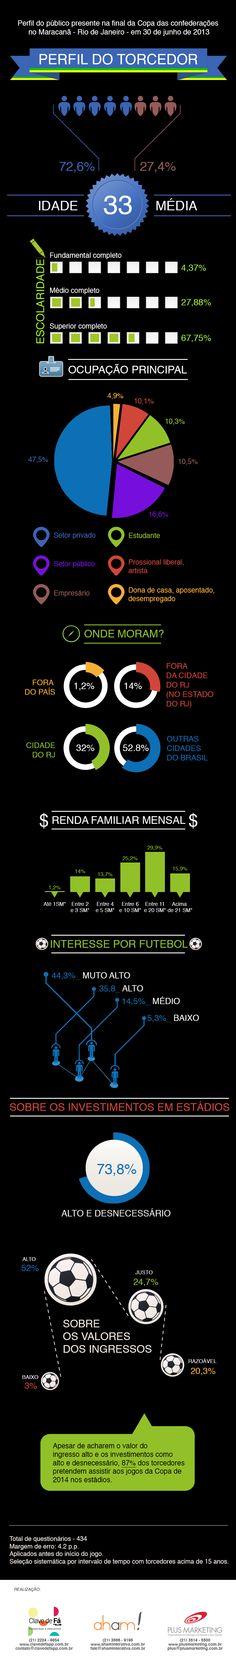 Infográfico ilustrando o perfil dos torcedores presentes na final da Copa das Confederações no Maracanã, Rio de Janeiro.